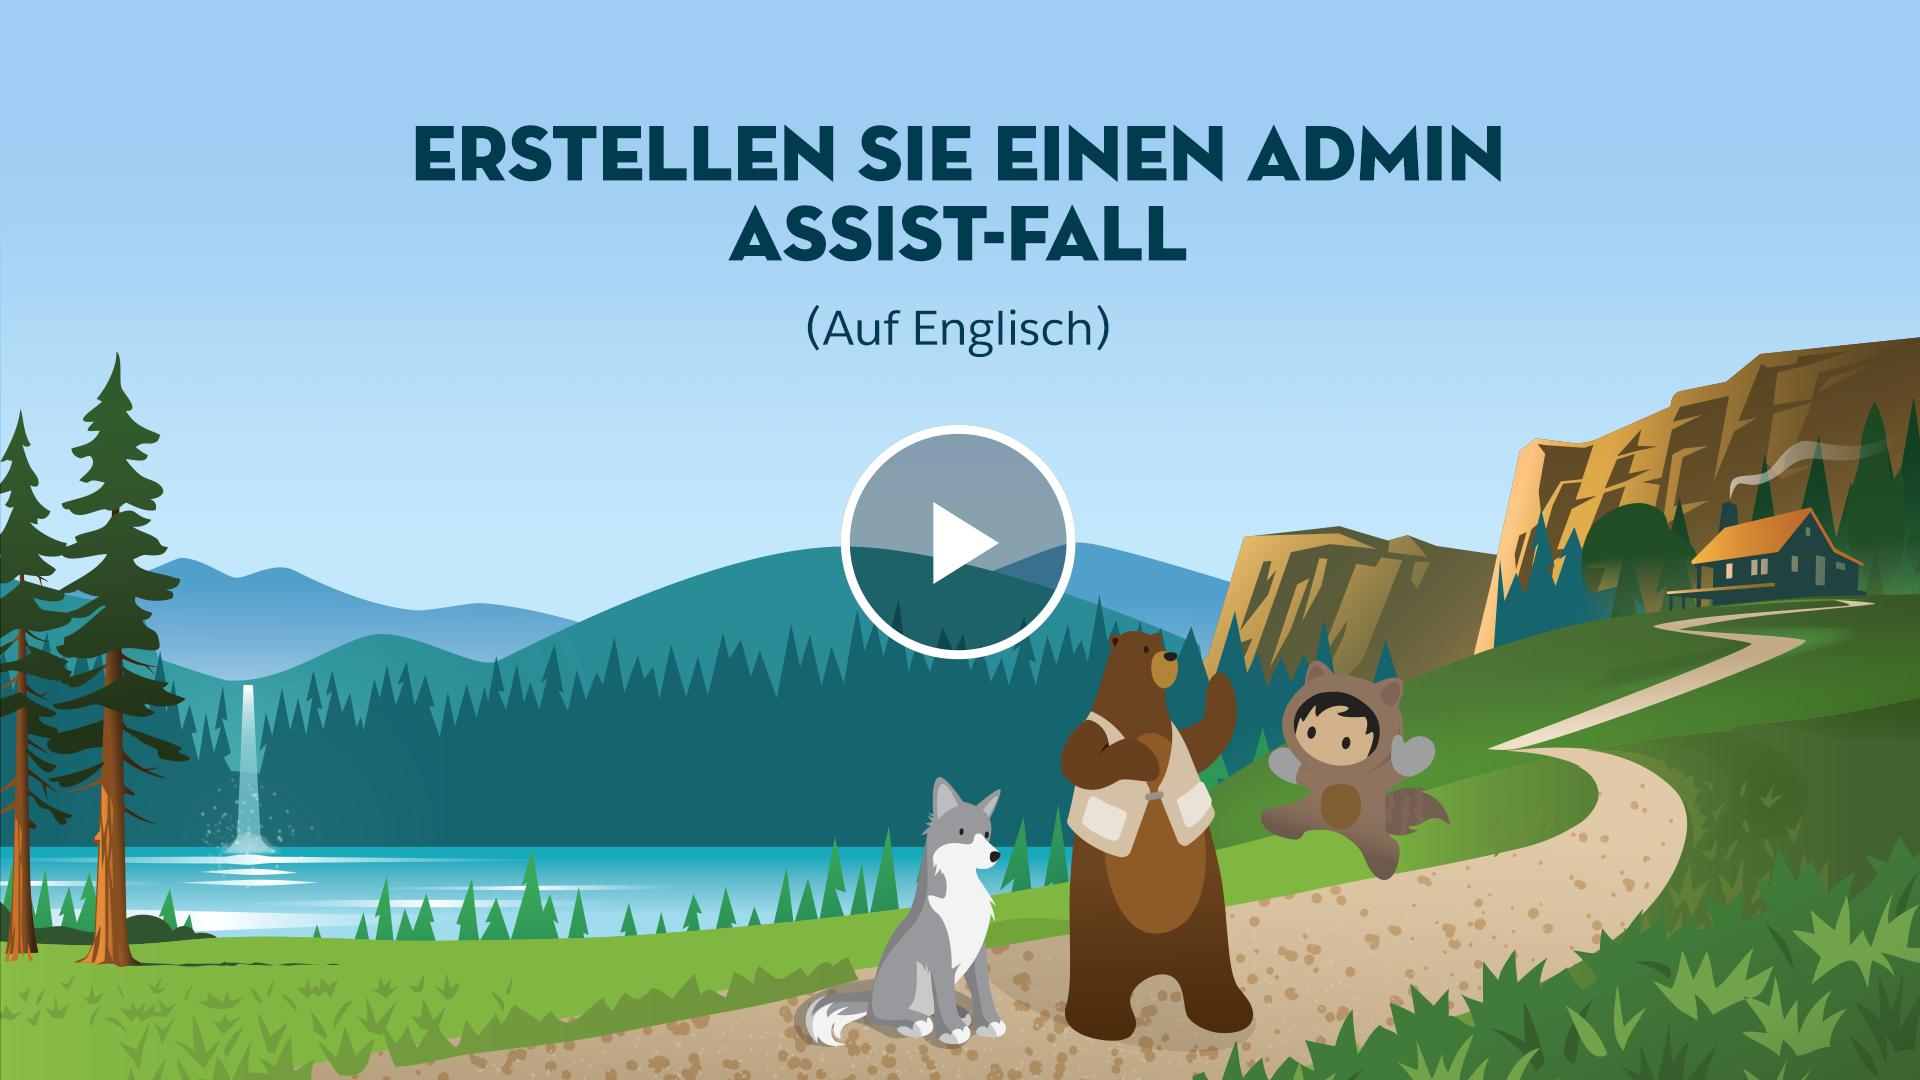 Erstellen Sie Einen Admin Assist-Fall (Auf Englisch)